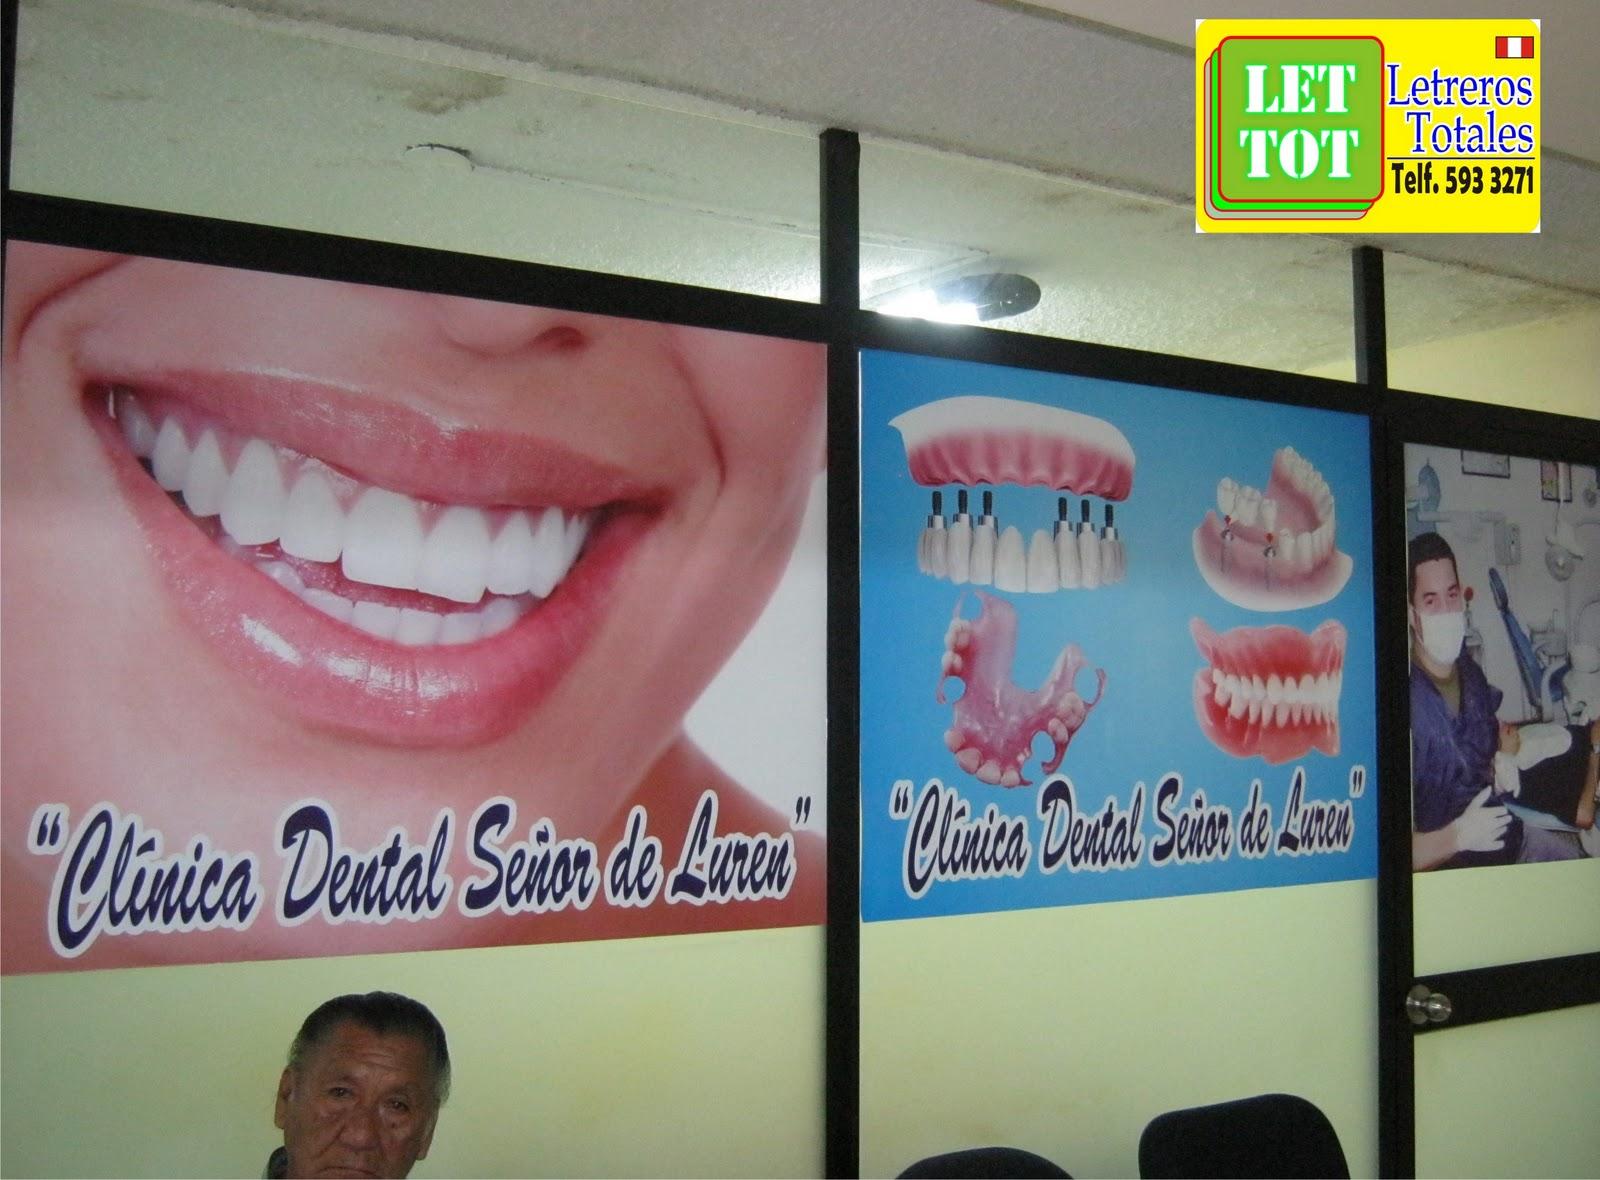 Letreros totales decoracion de consultorio con vinil - Decoracion clinica dental ...